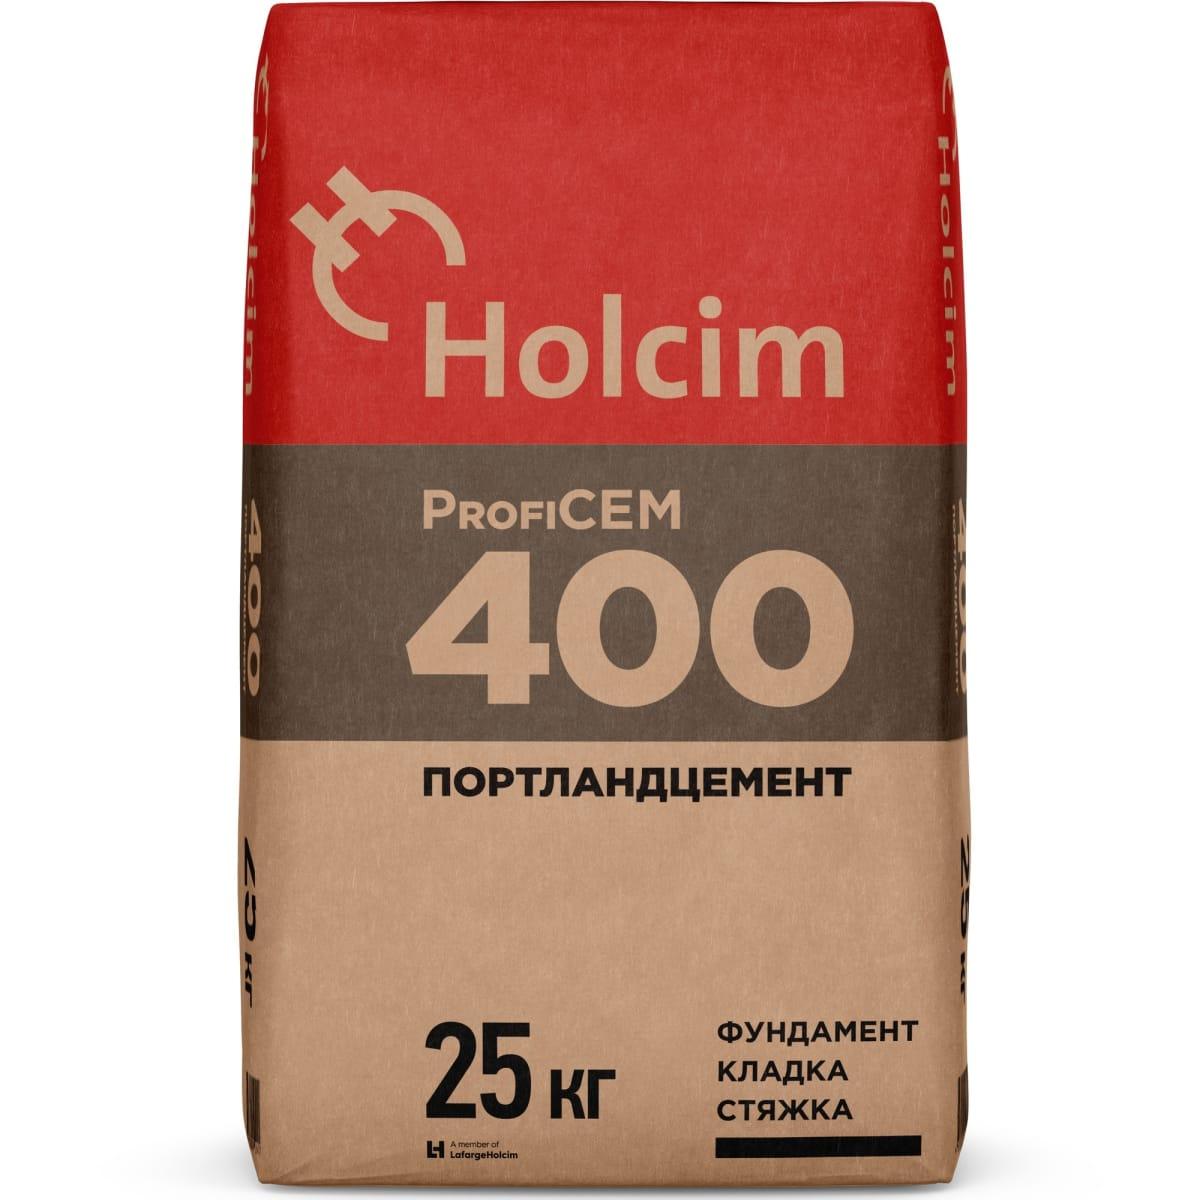 Мешок цемента 25 кг цена в москве купить бетон белгород с доставкой